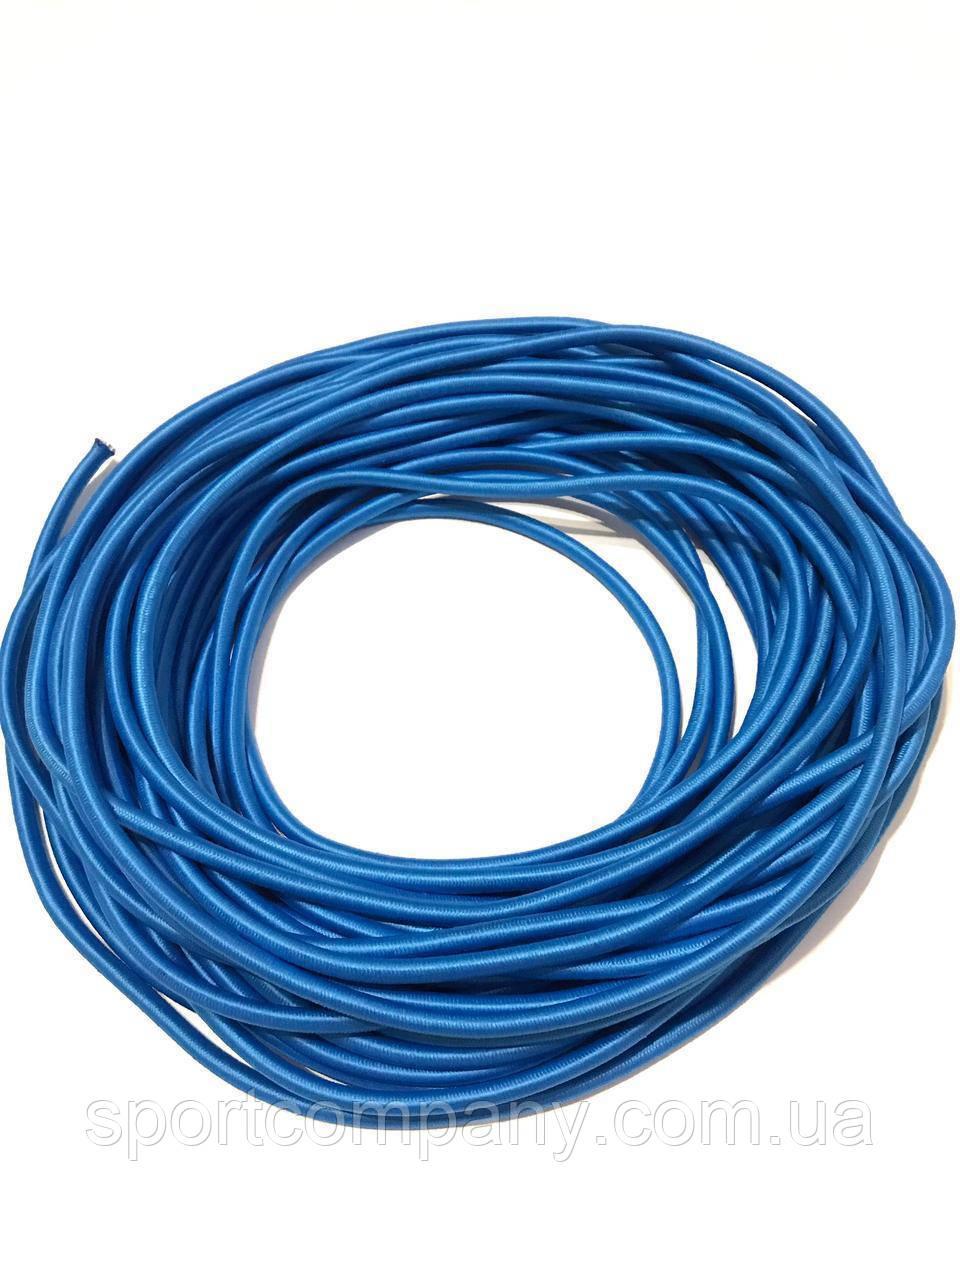 Жгут спортивный резиновый в тканевой оплетке ( резина, d-8 мм, I-400 см, голубой ) rez.zhyt8blue